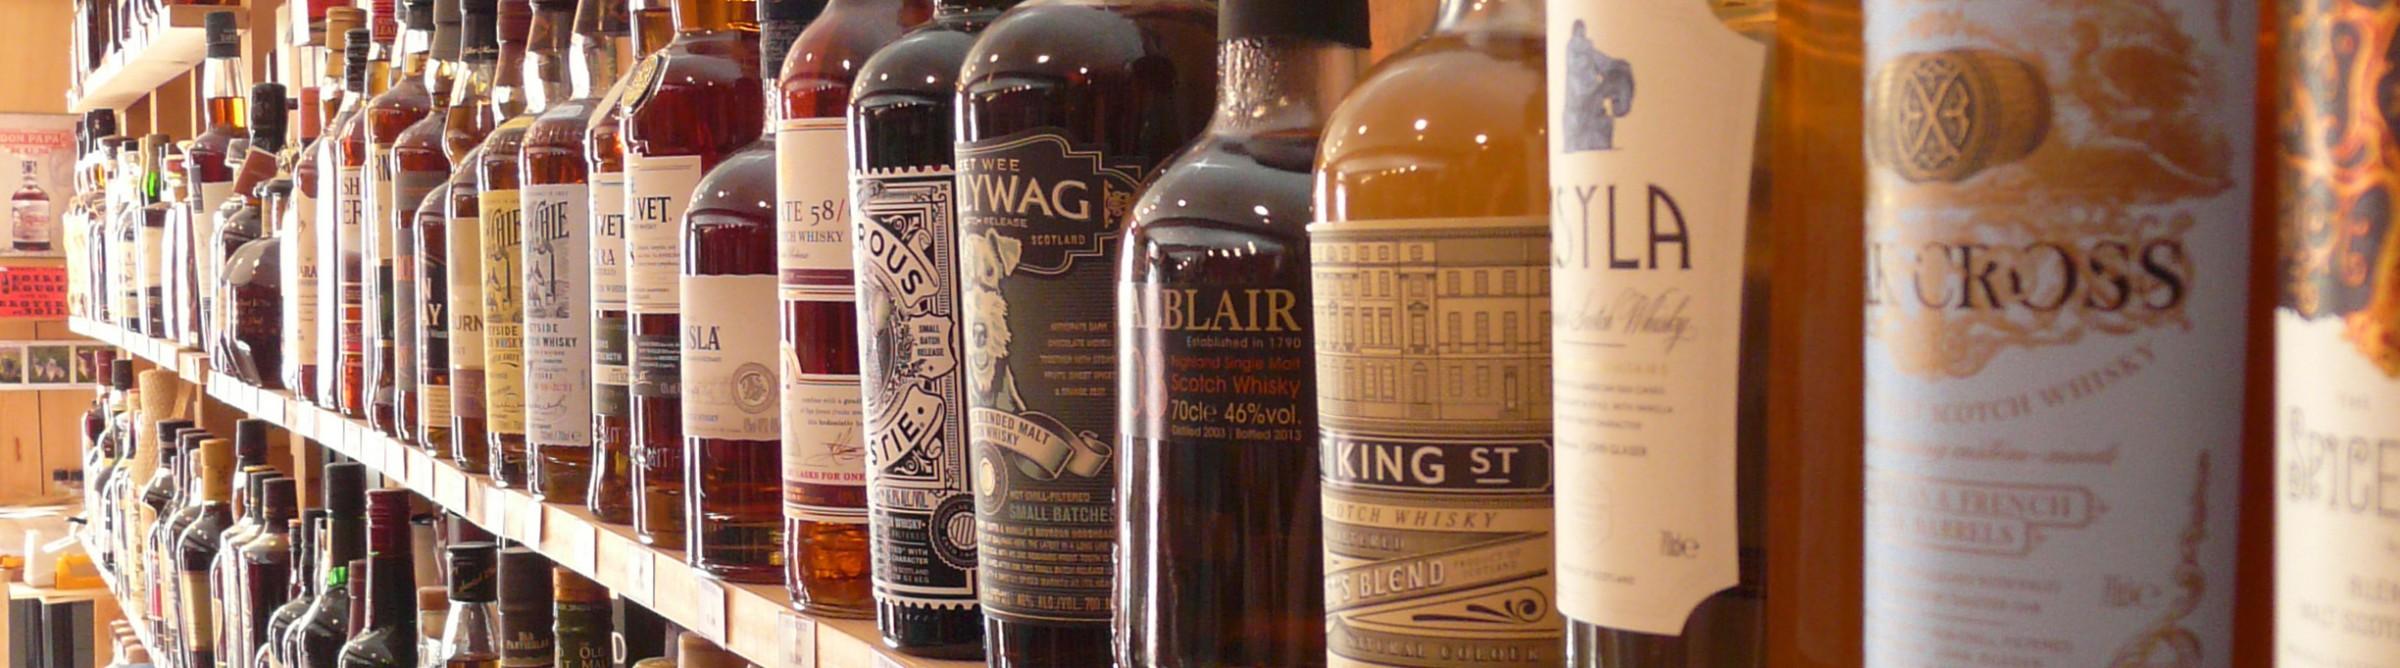 caviste whisky près de rennes